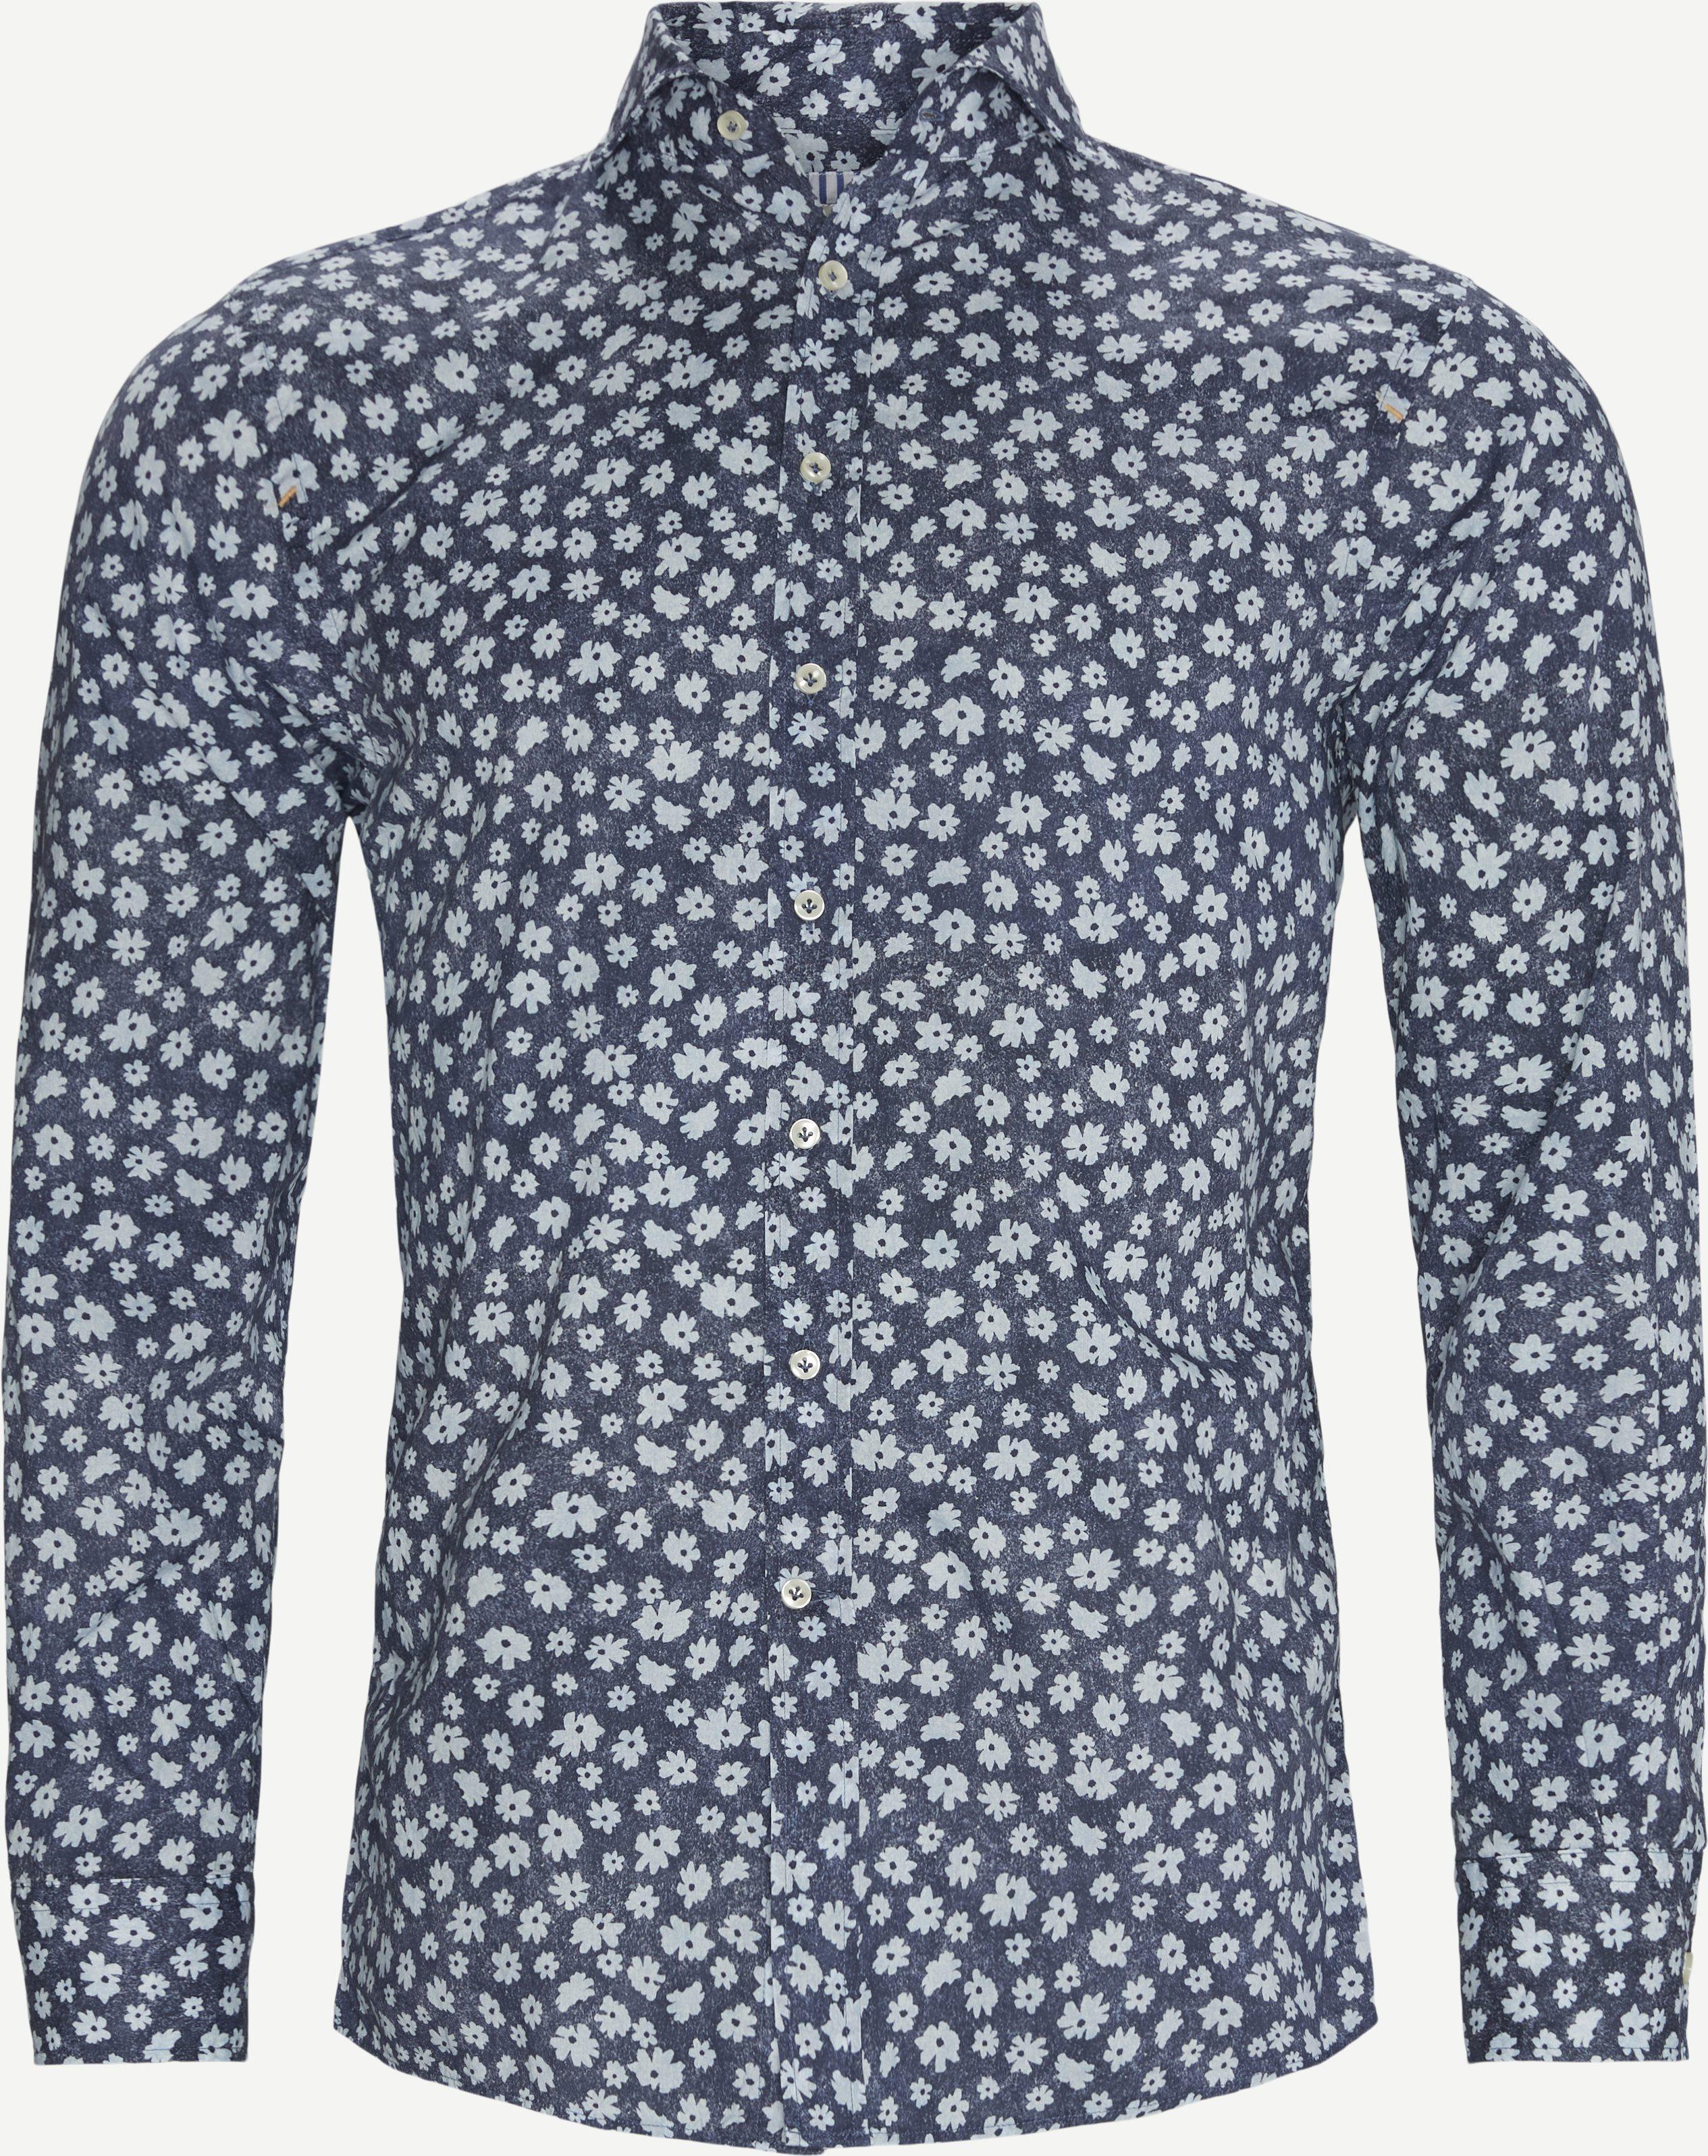 Anemone Print Skjorte - Skjortor - Regular - Blå